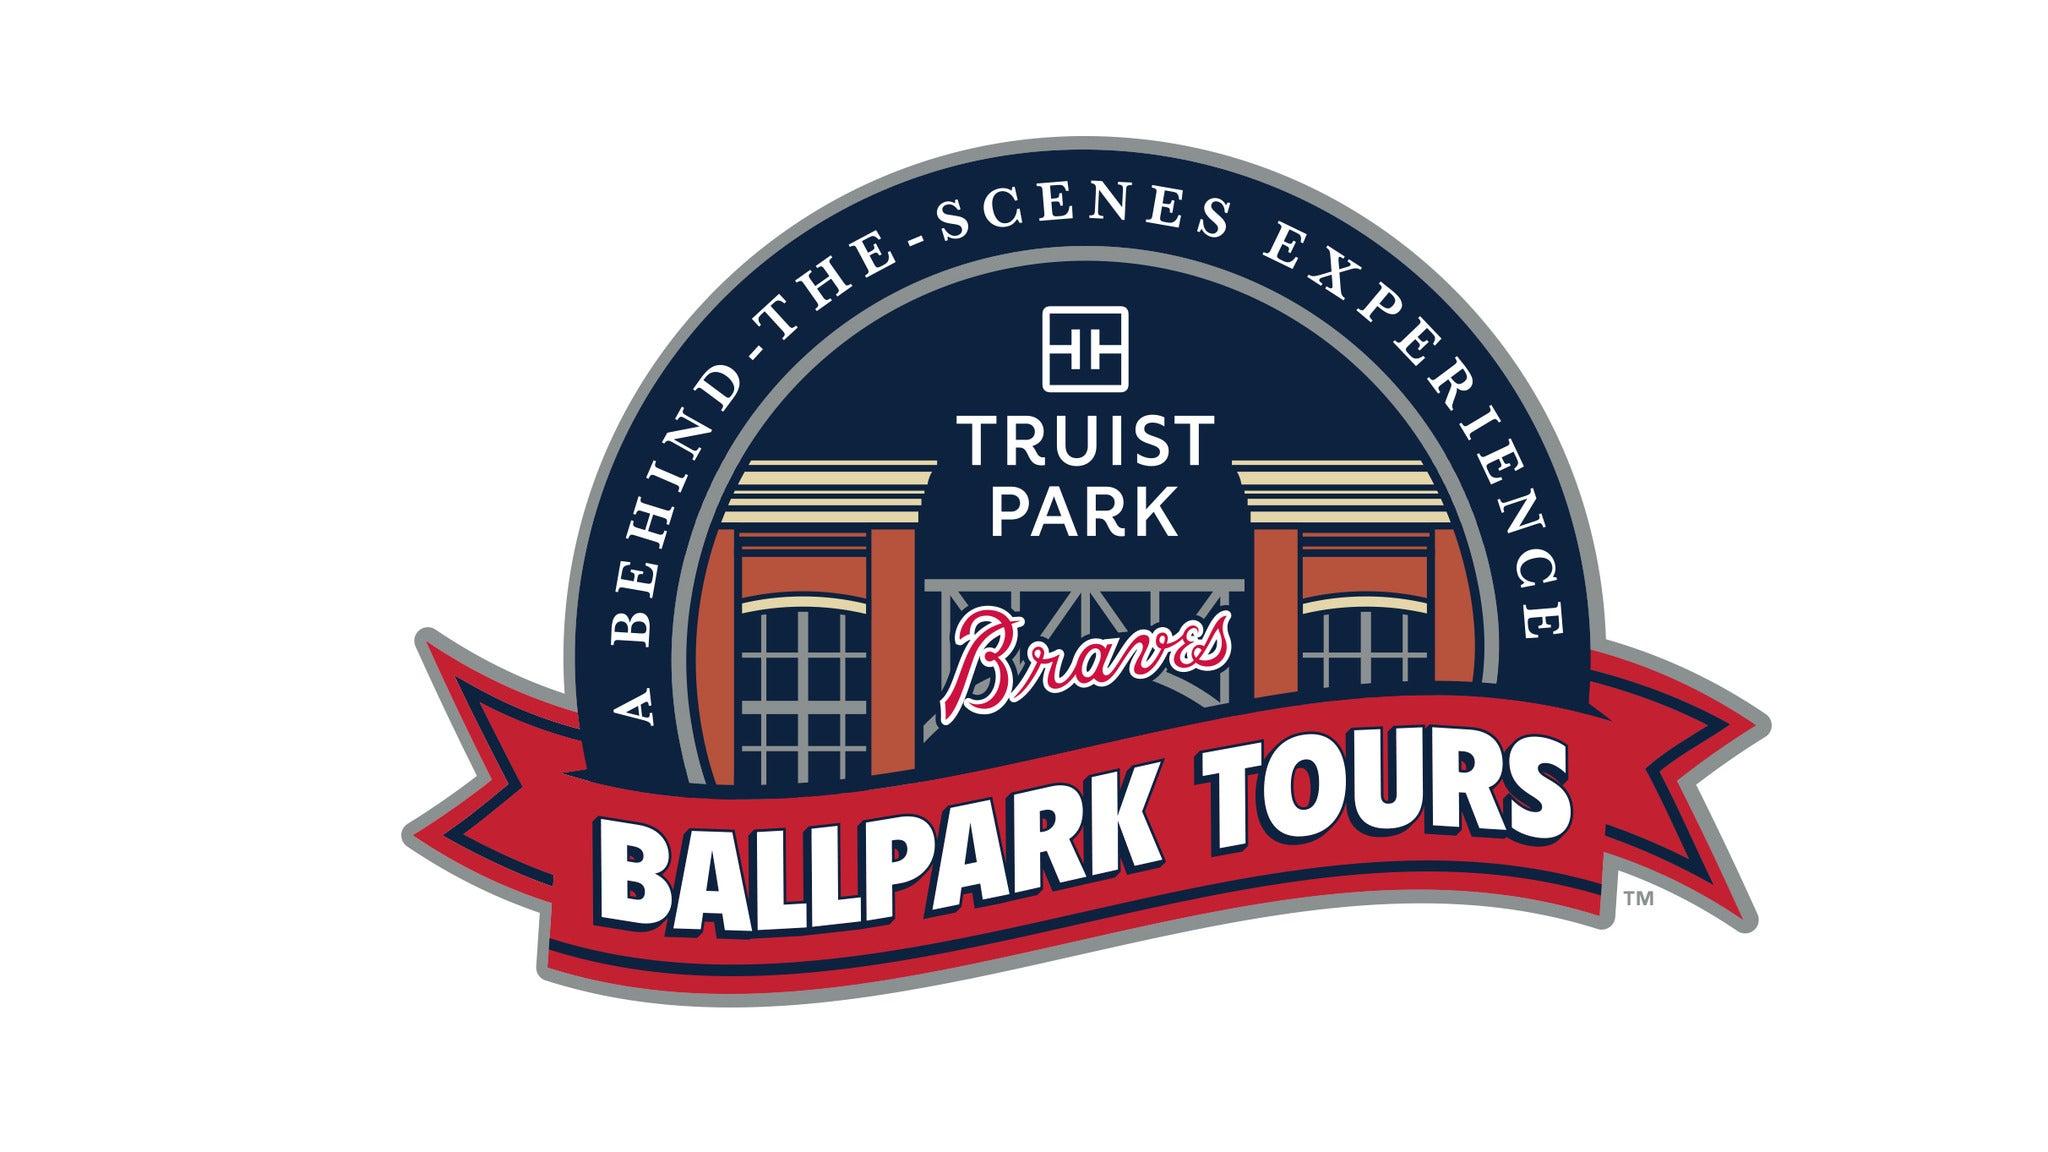 Tours: Truist Park